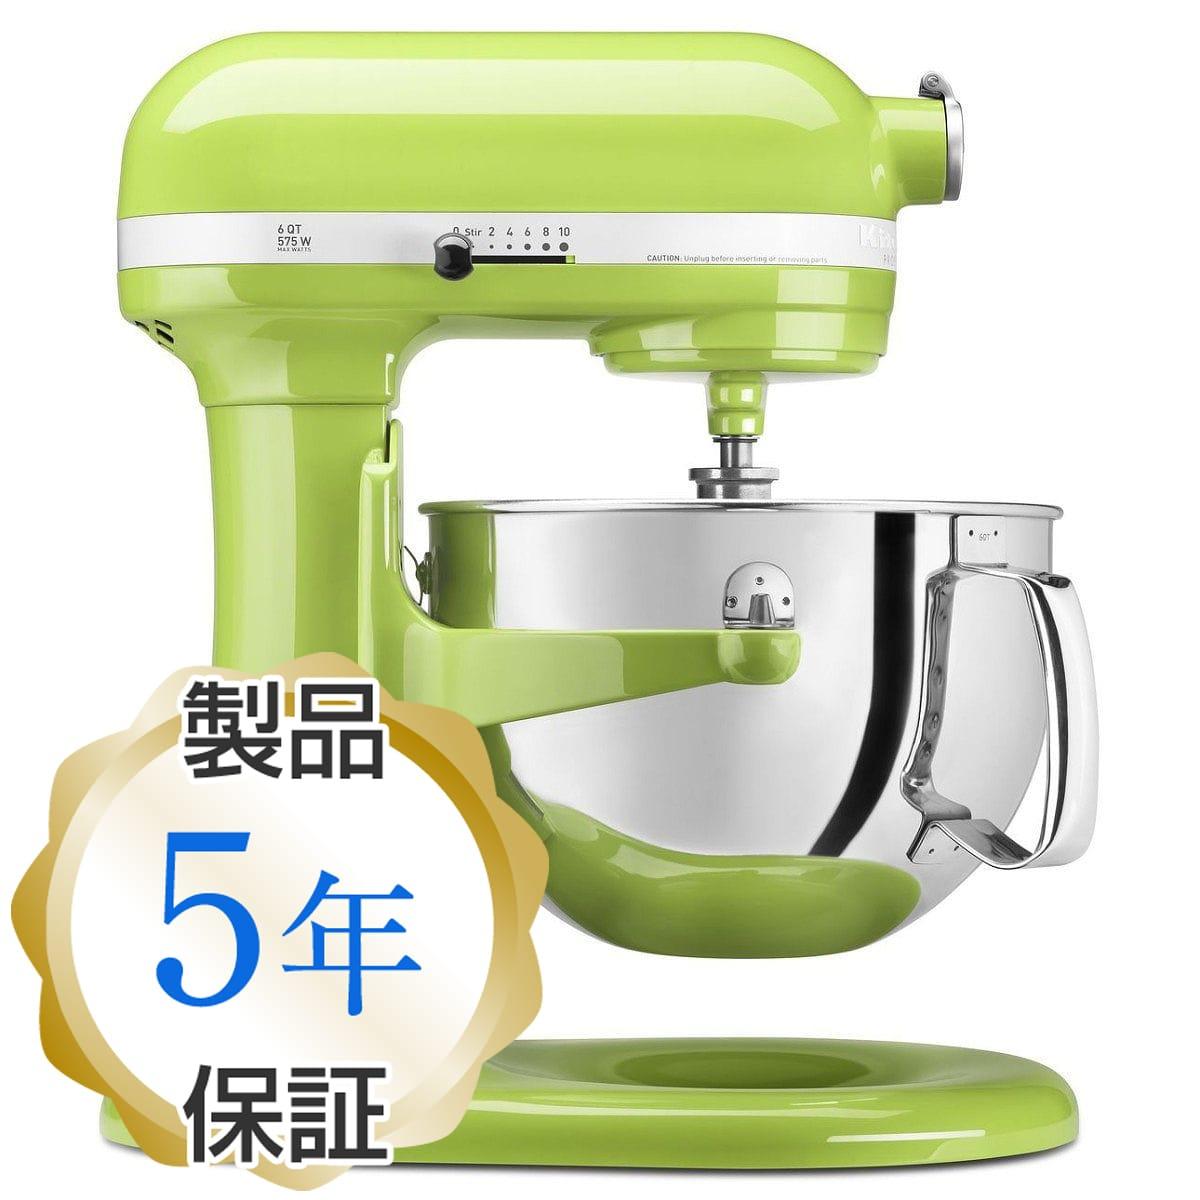 キッチンエイド スタンドミキサー プロフェッショナル 600 5.8L アップルグリーン KitchenAid KP26M1XGA Professional 600 Series 6-Quart Stand Mixer Apple Green 【日本語説明書付】 家電